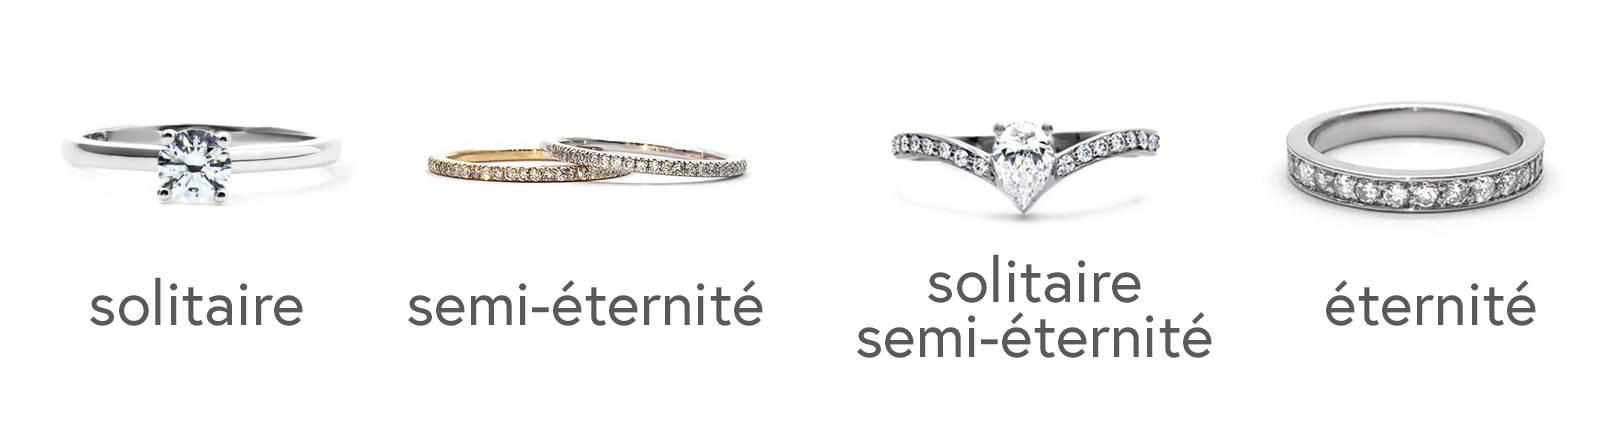 Tableau de comparaison des bagues de fiançailles solitaire, semi-éternité, solitaire semi-éternité et éternité